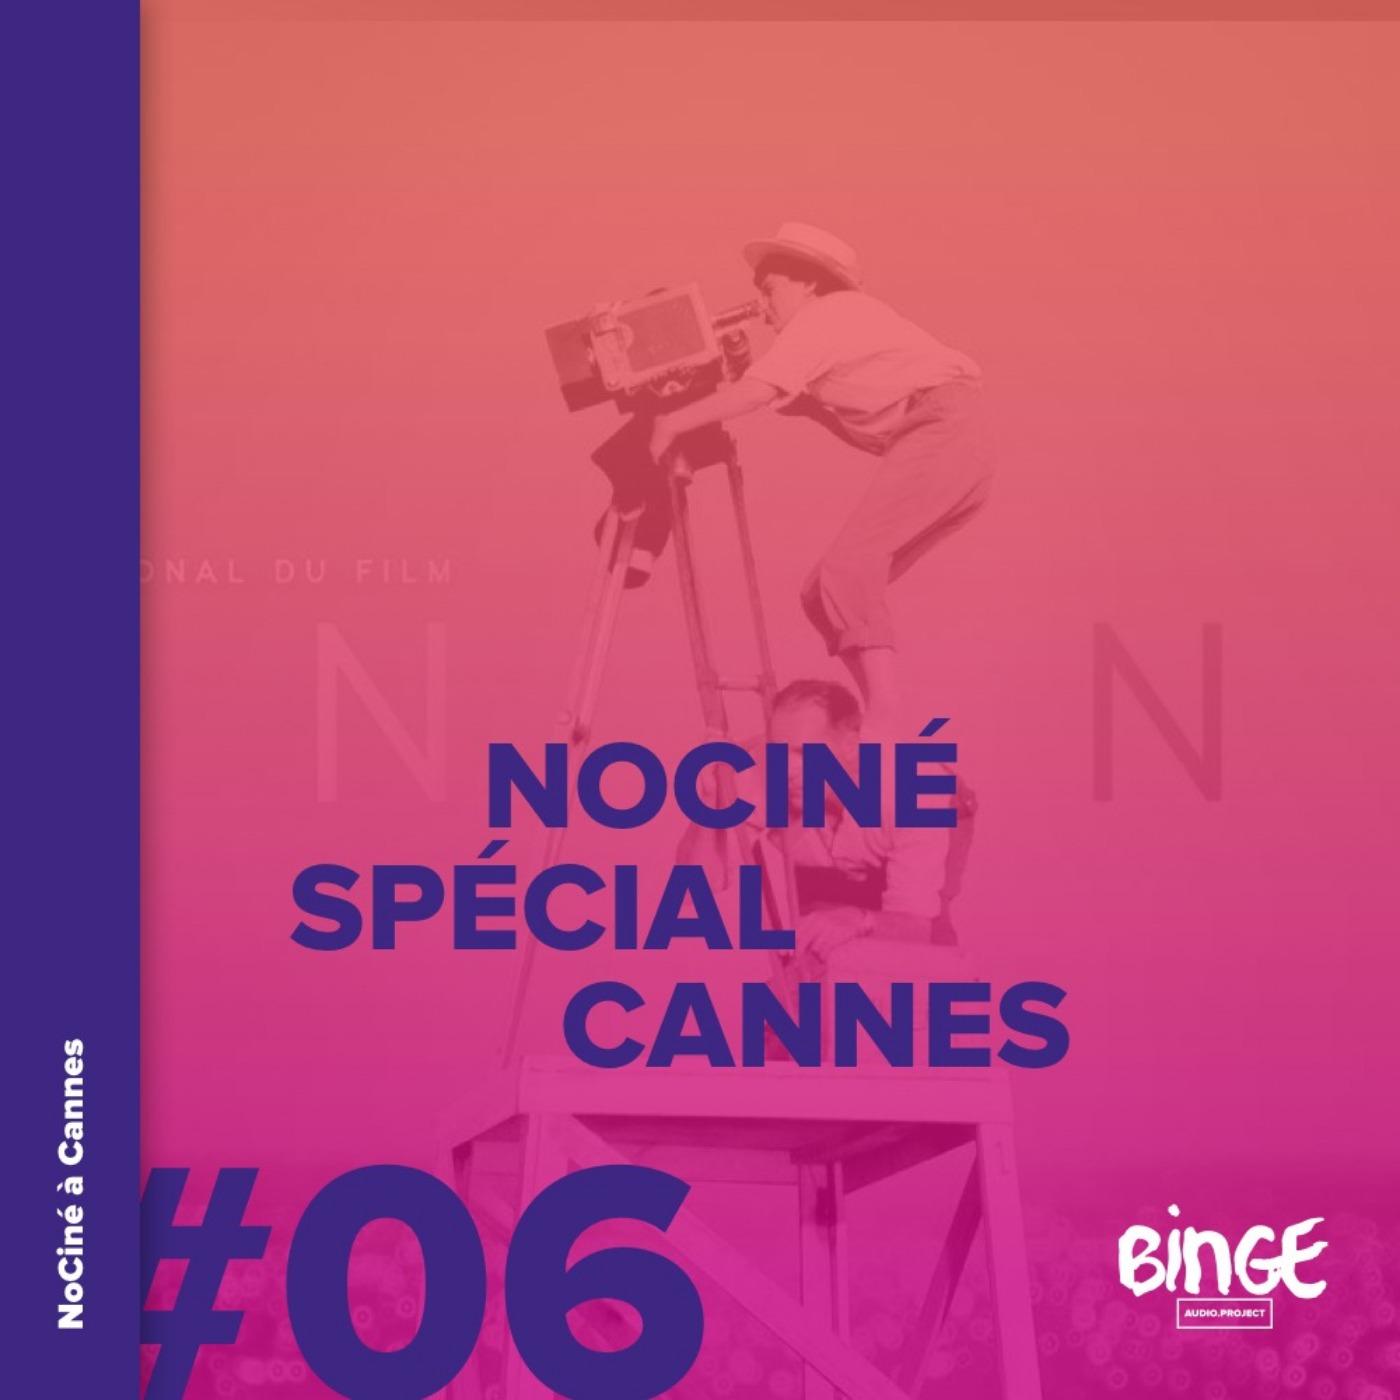 Cannes - Notre palmarès, My Love